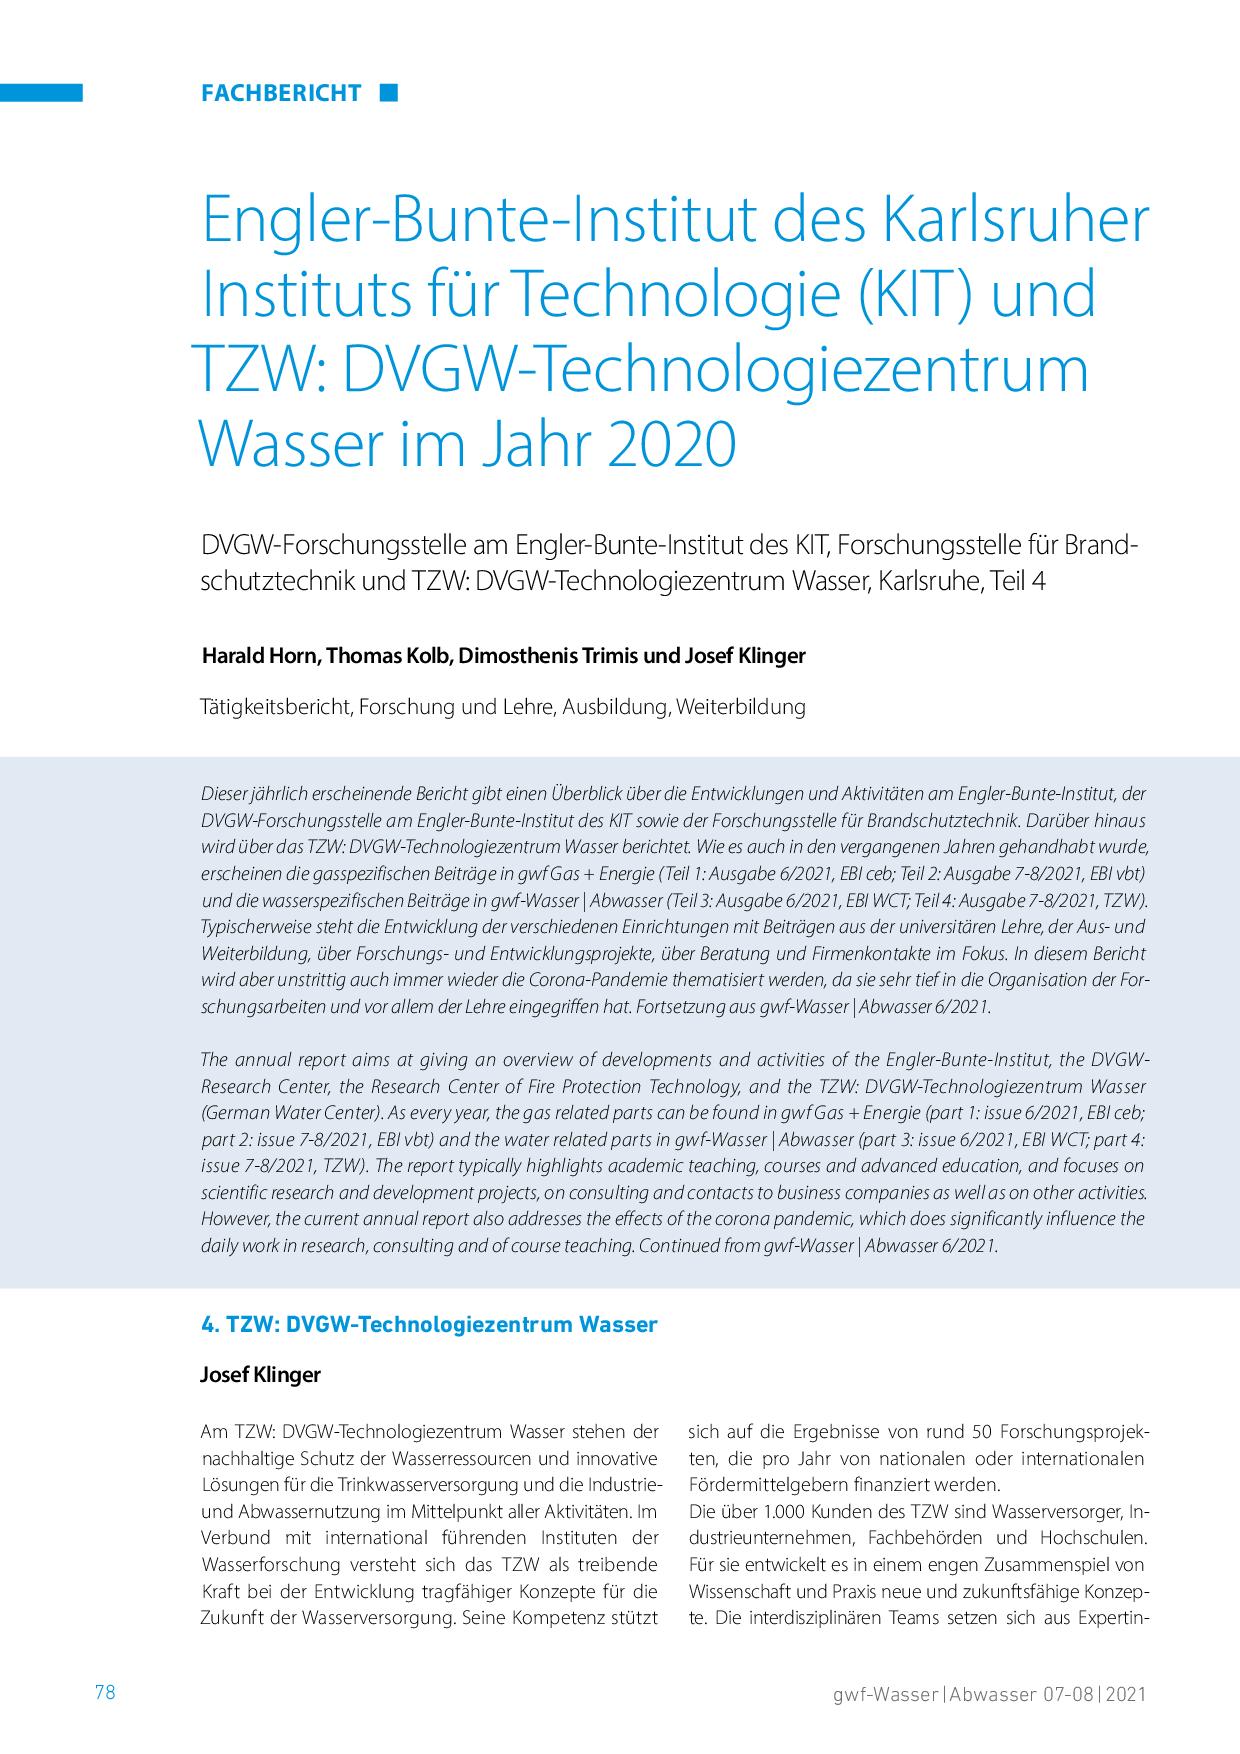 Engler-Bunte-Institut des Karlsruher Instituts für Technologie (KIT) und TZW: DVGW-Technologiezentrum Wasser im Jahr 2020